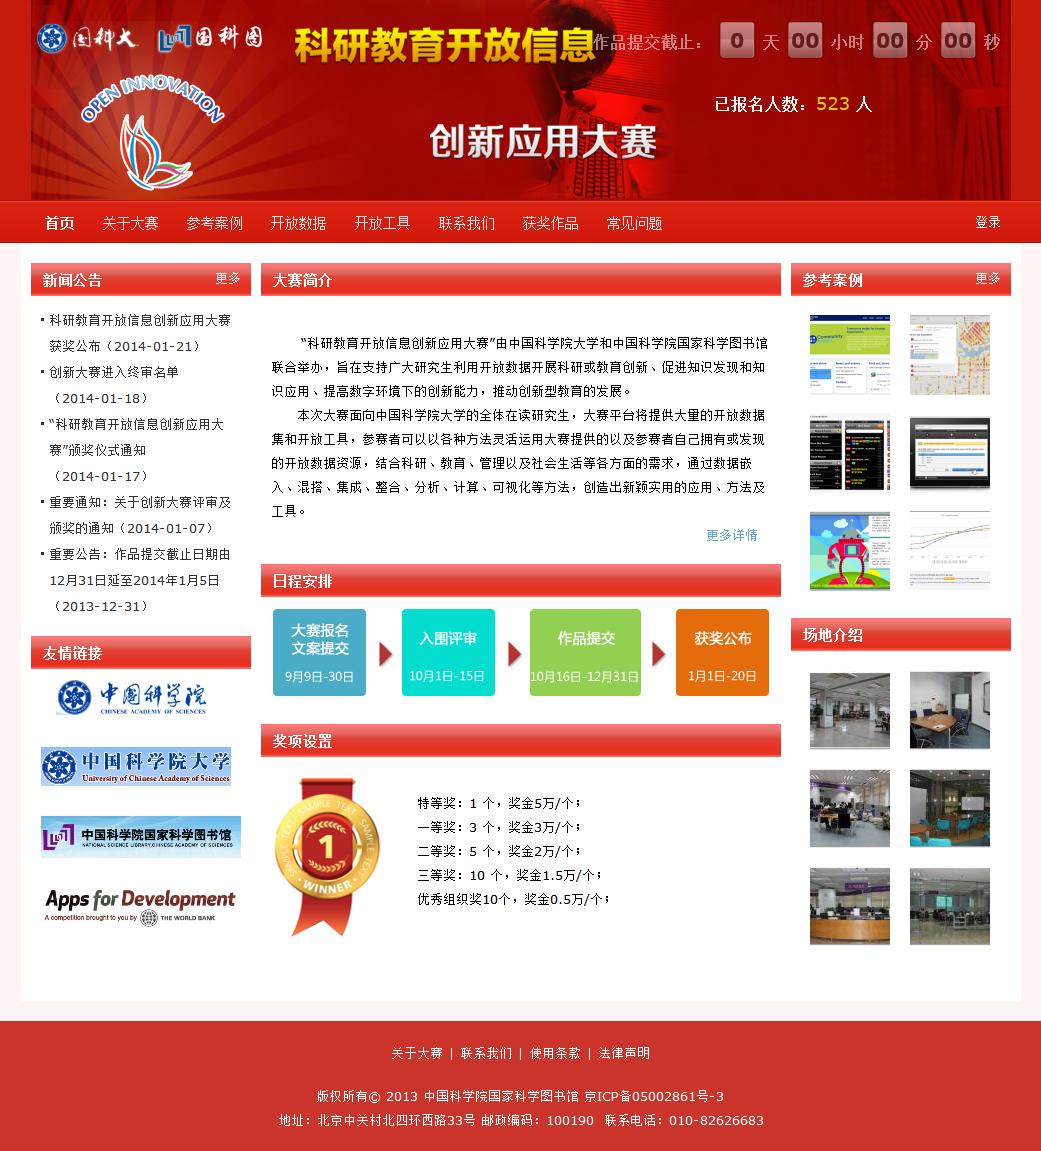 中科院开放创新大赛官方网站